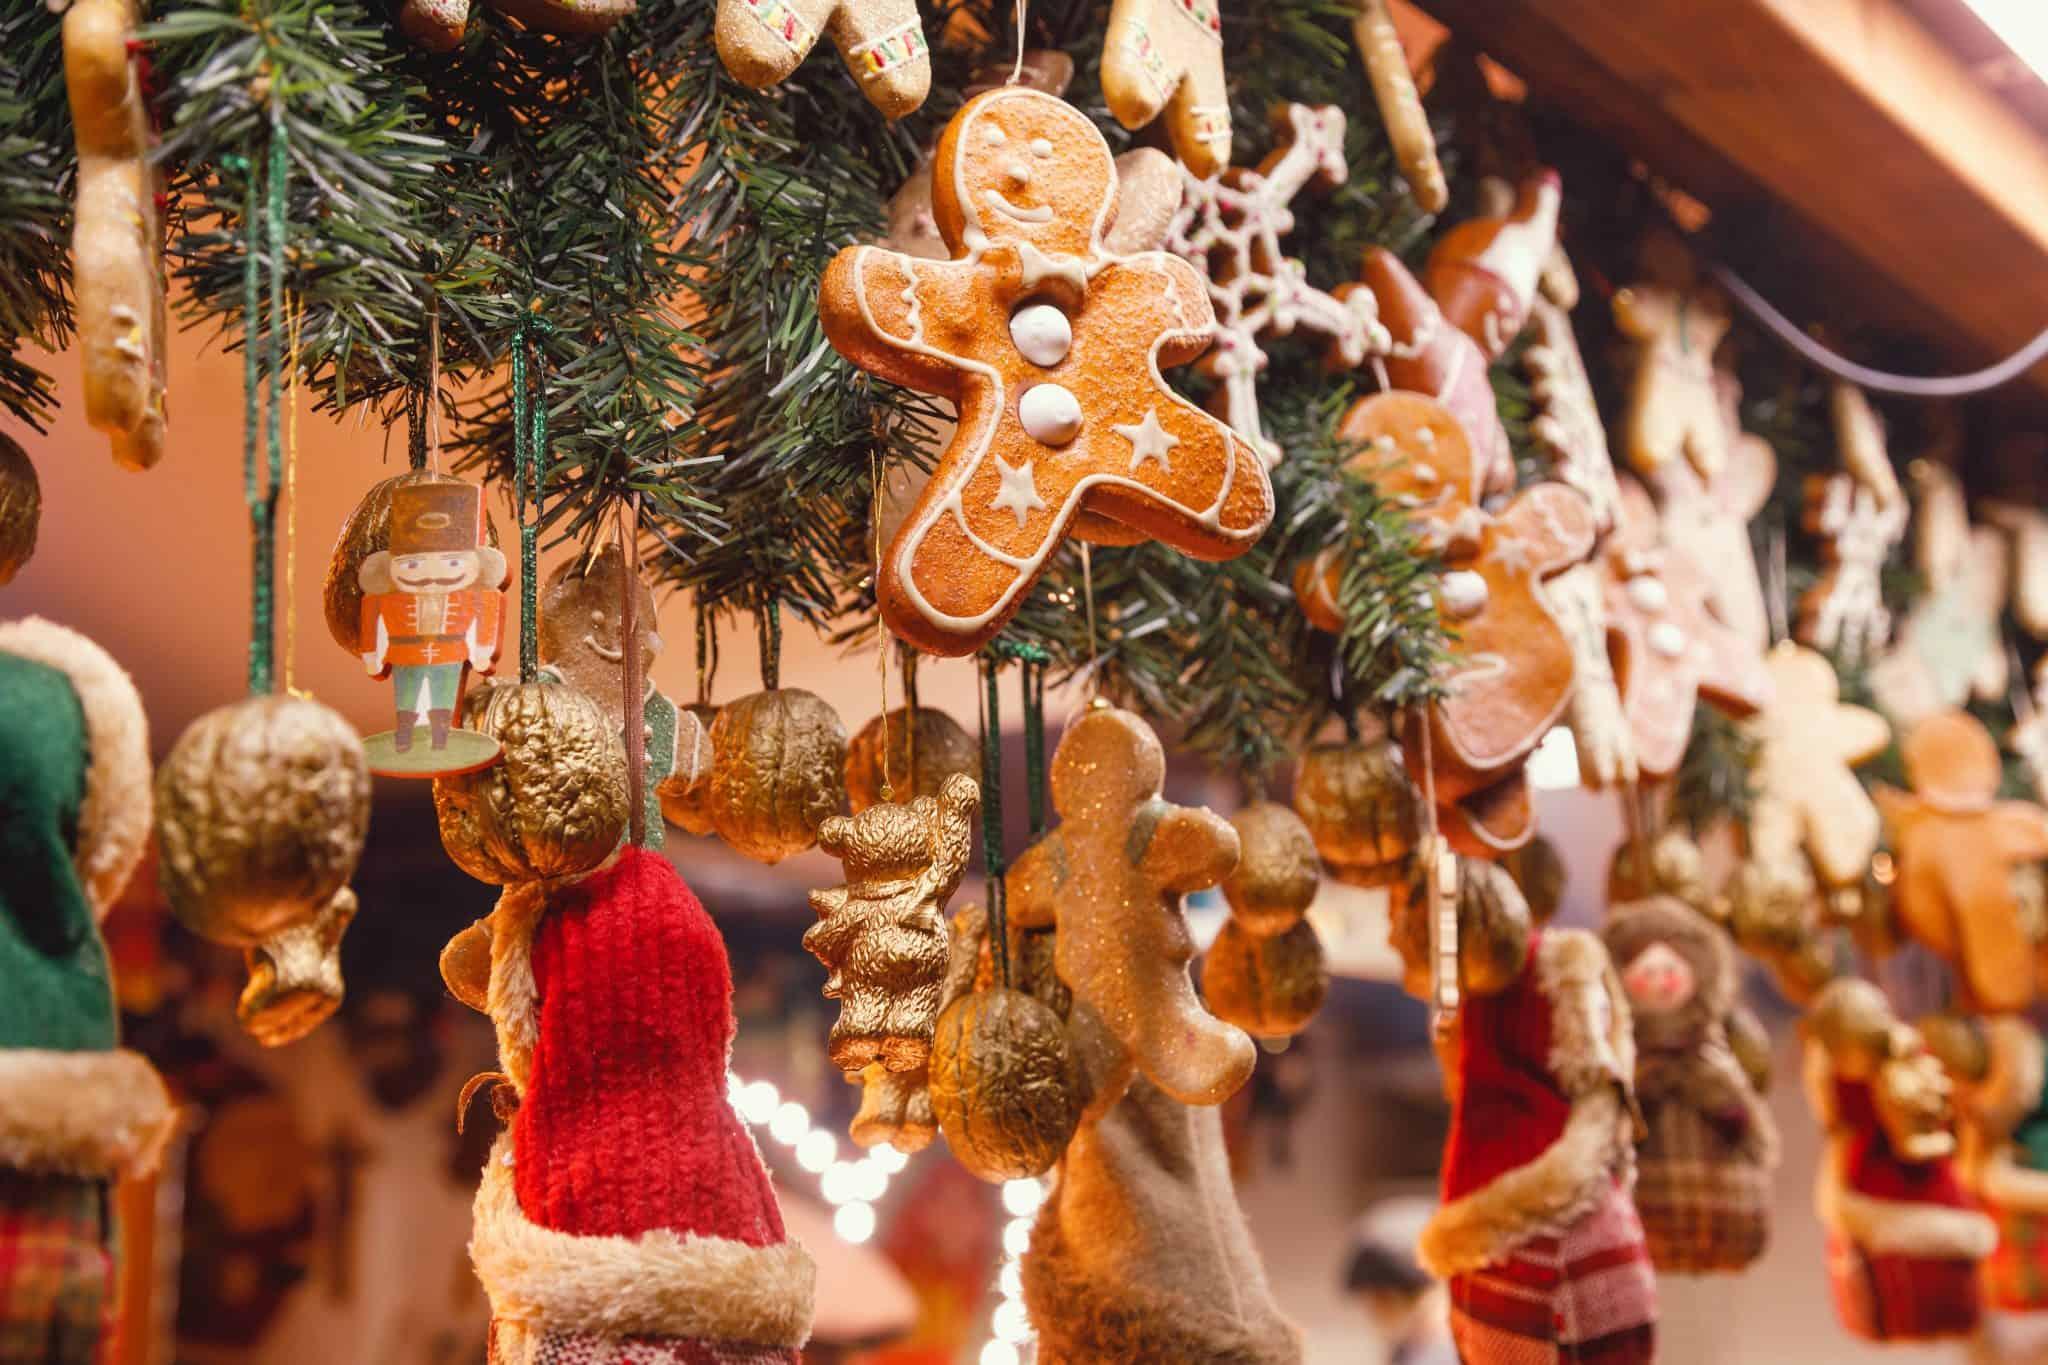 Beautiful display of Christmas crafts - Christmas Vancouver